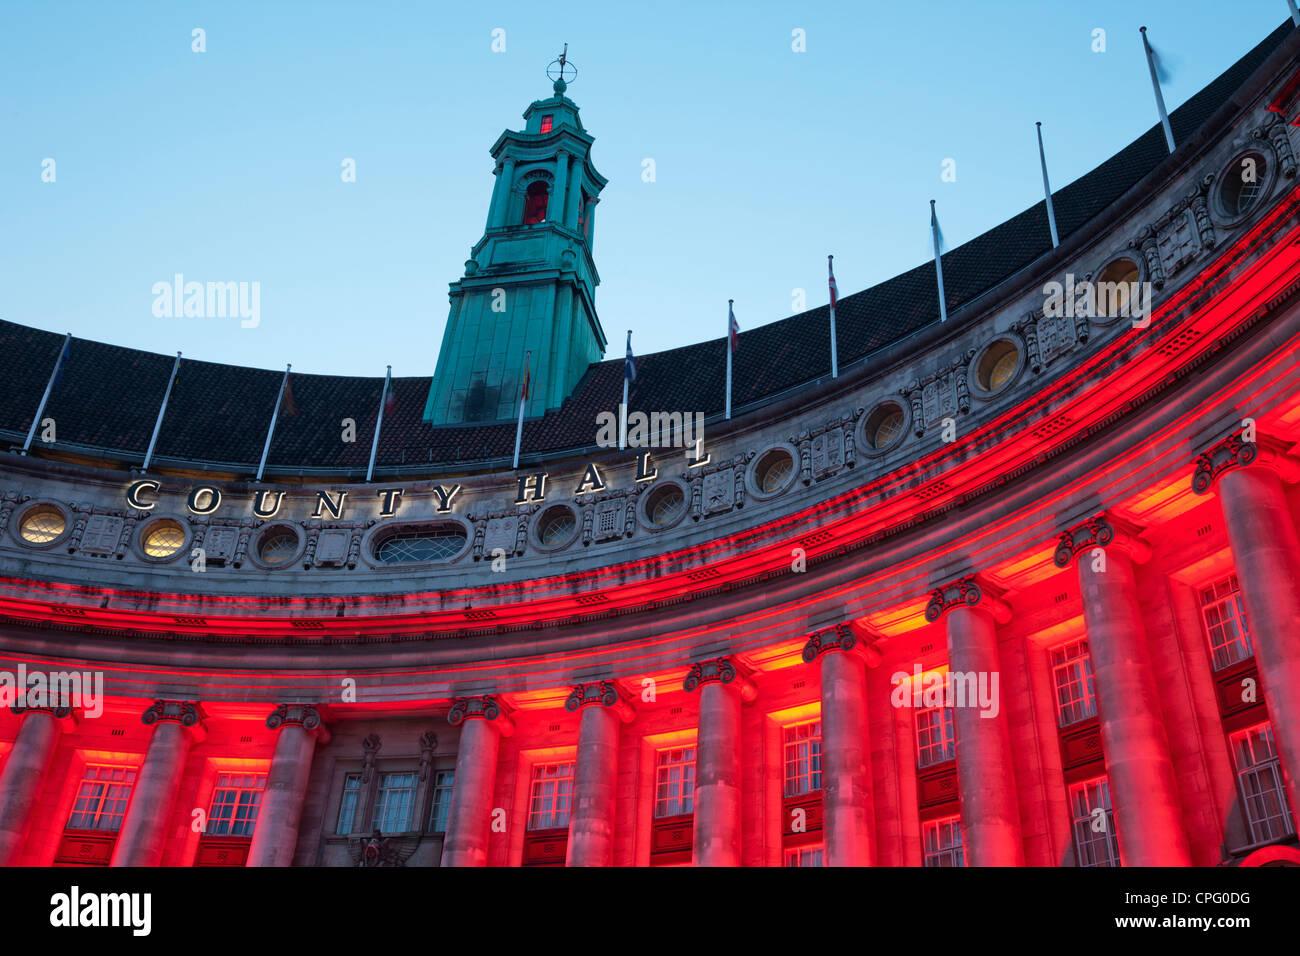 England, London, Embankment, County Hall Building - Stock Image